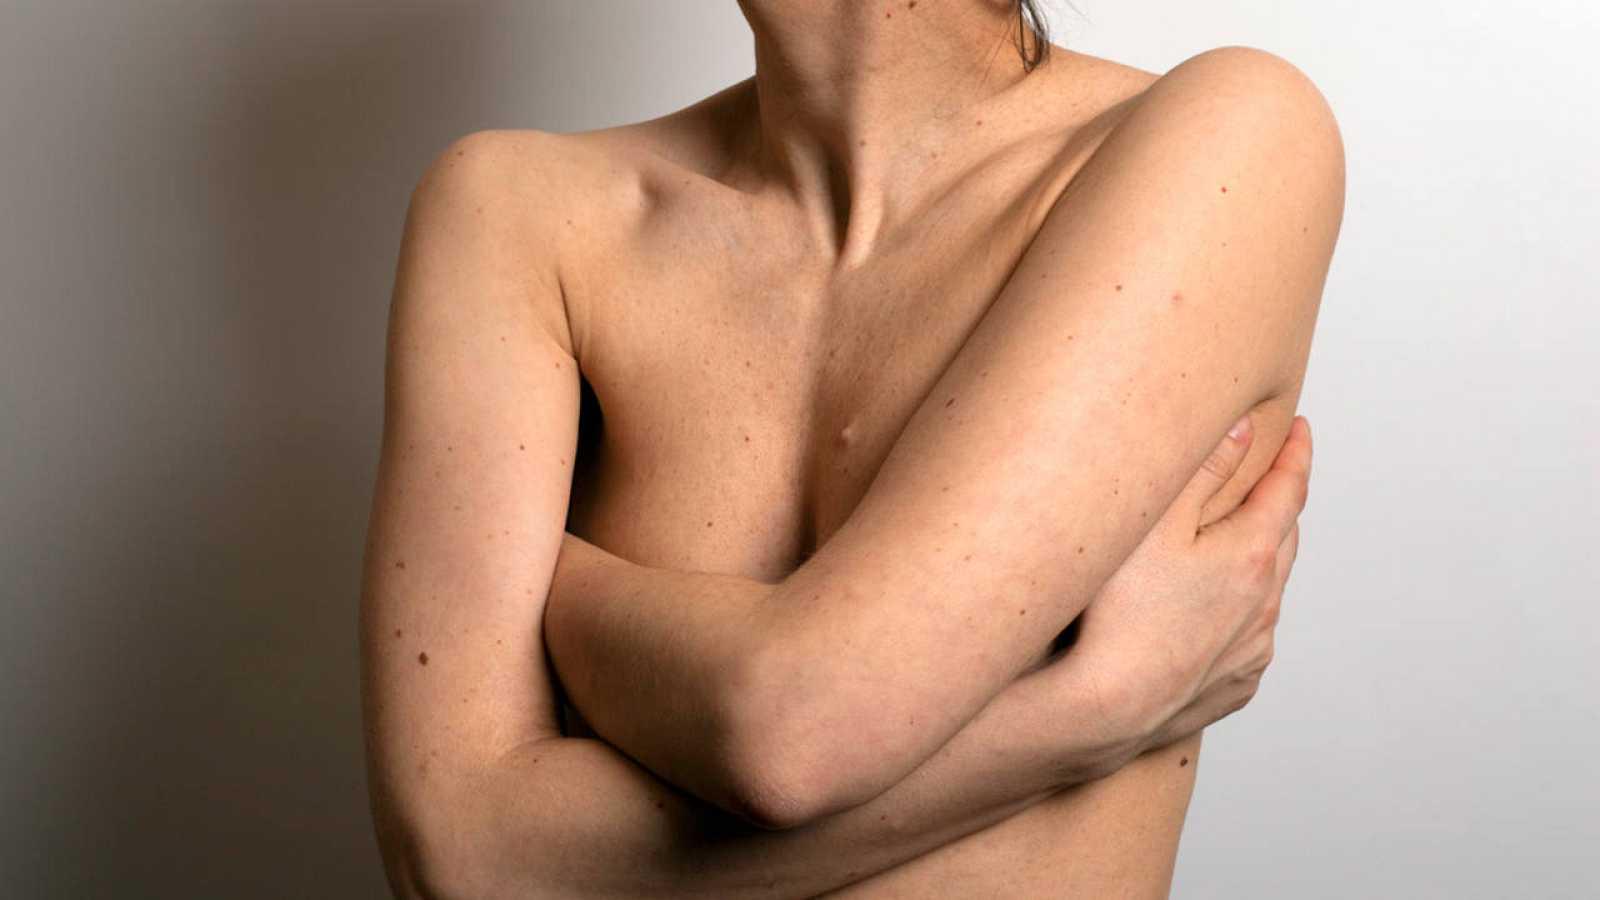 Una de cada ocho mujeres sufrirá cáncer de mama a lo largo de su vida.